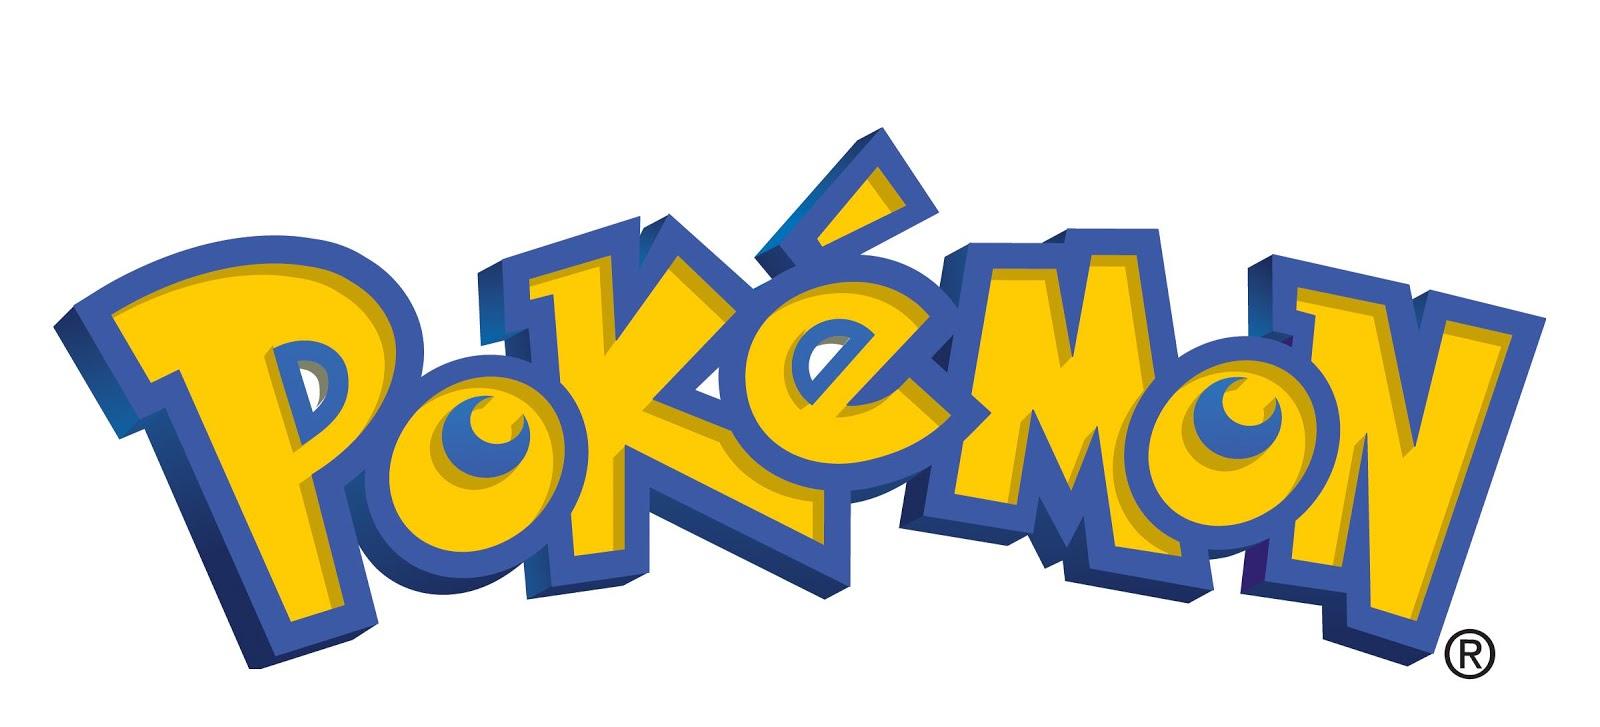 DeNA e The Pokémon Company devem lançar um novo jogo para smartphones em março de 2020